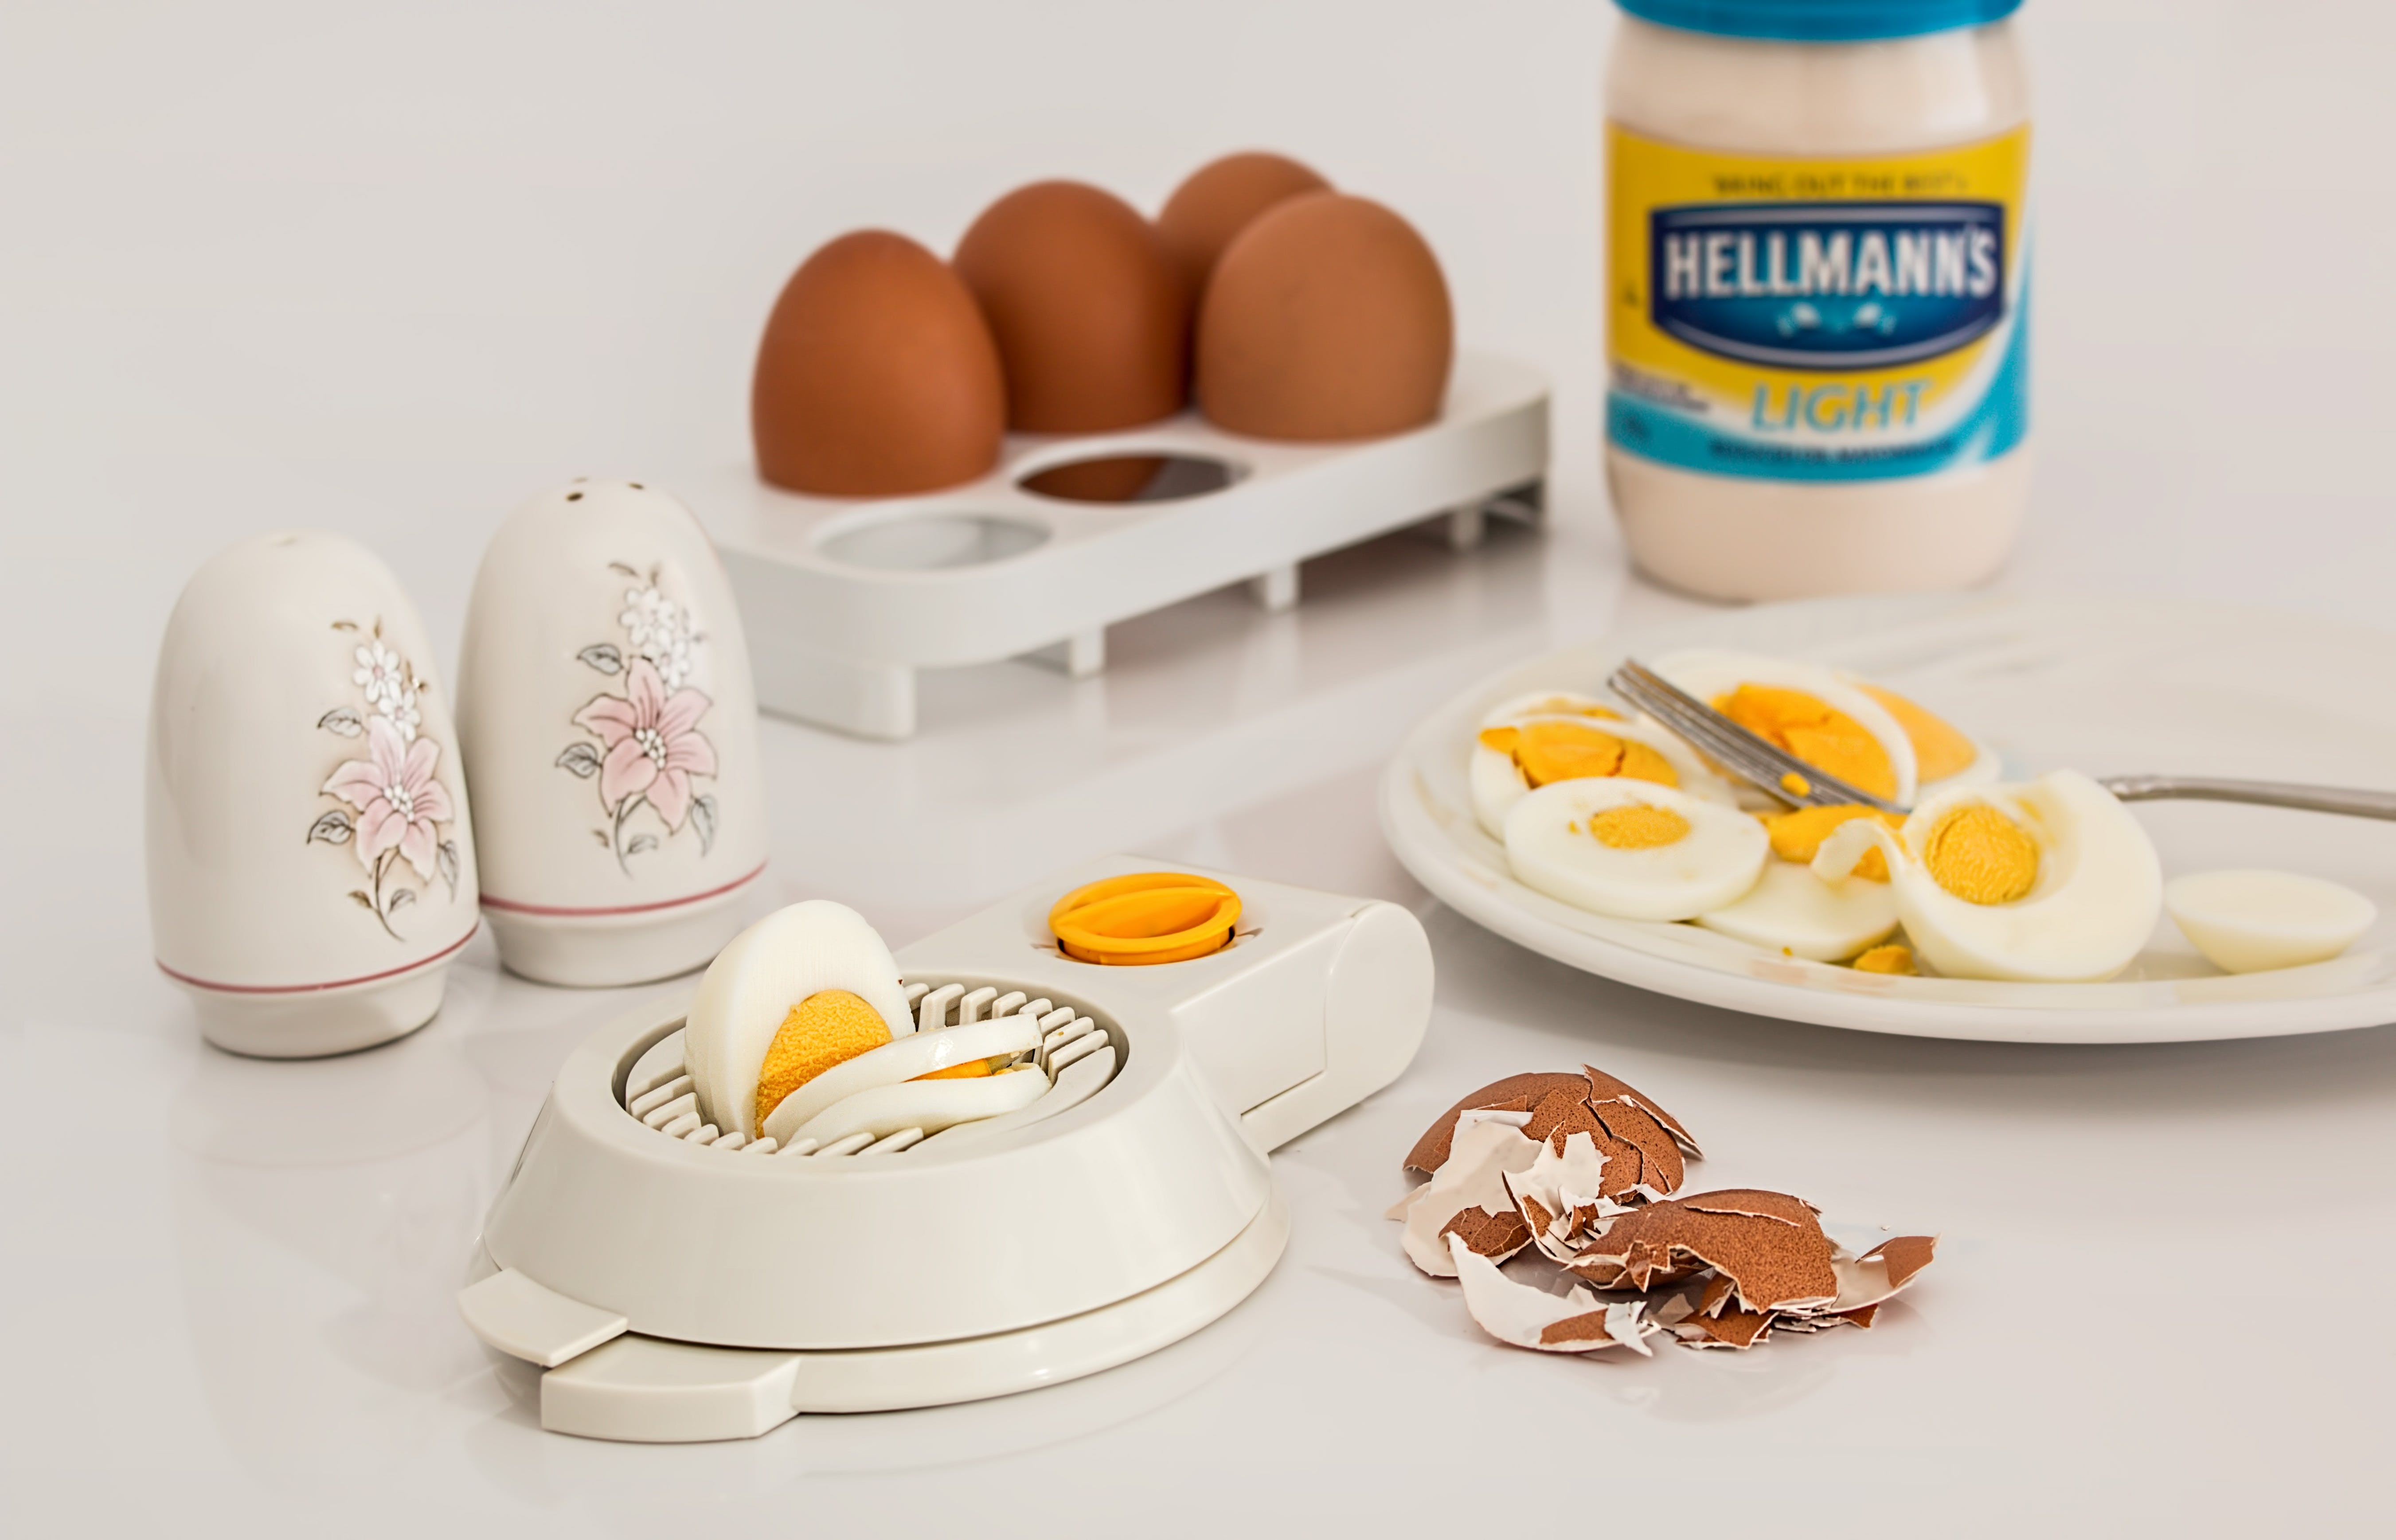 cholesterin, eier, eierschale